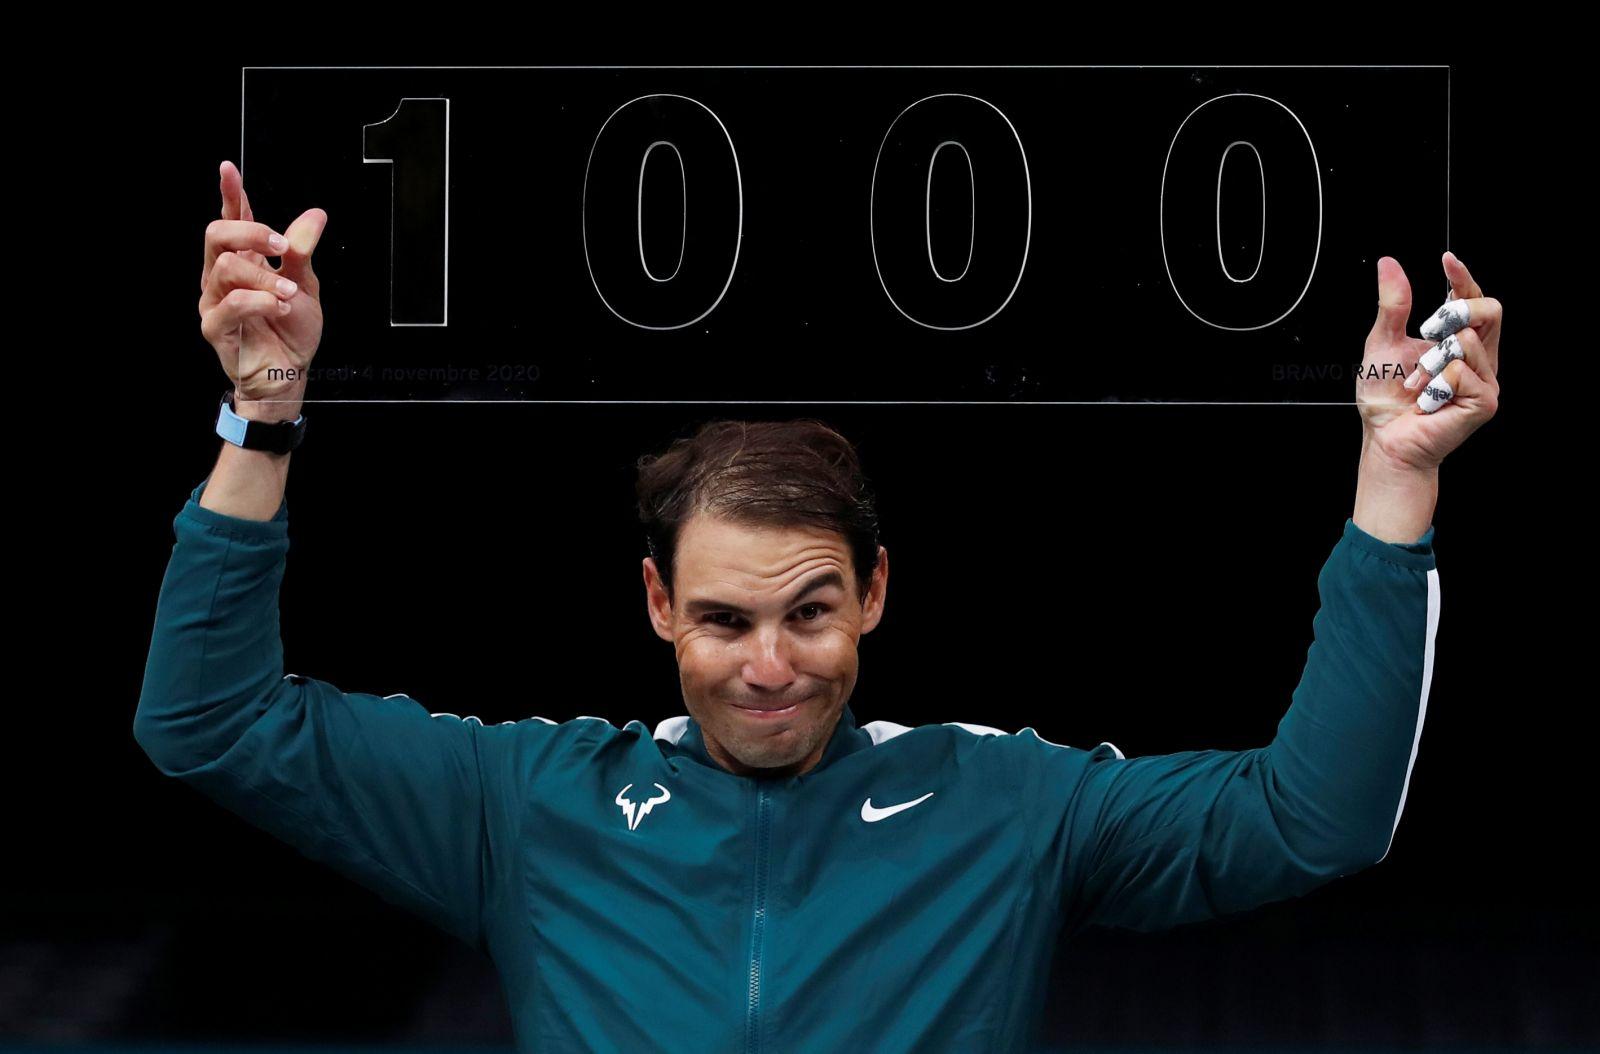 Tenis: Nadal a reuşit victoria sa cu numărul 1.000, la turneul ATP Masters de la Paris